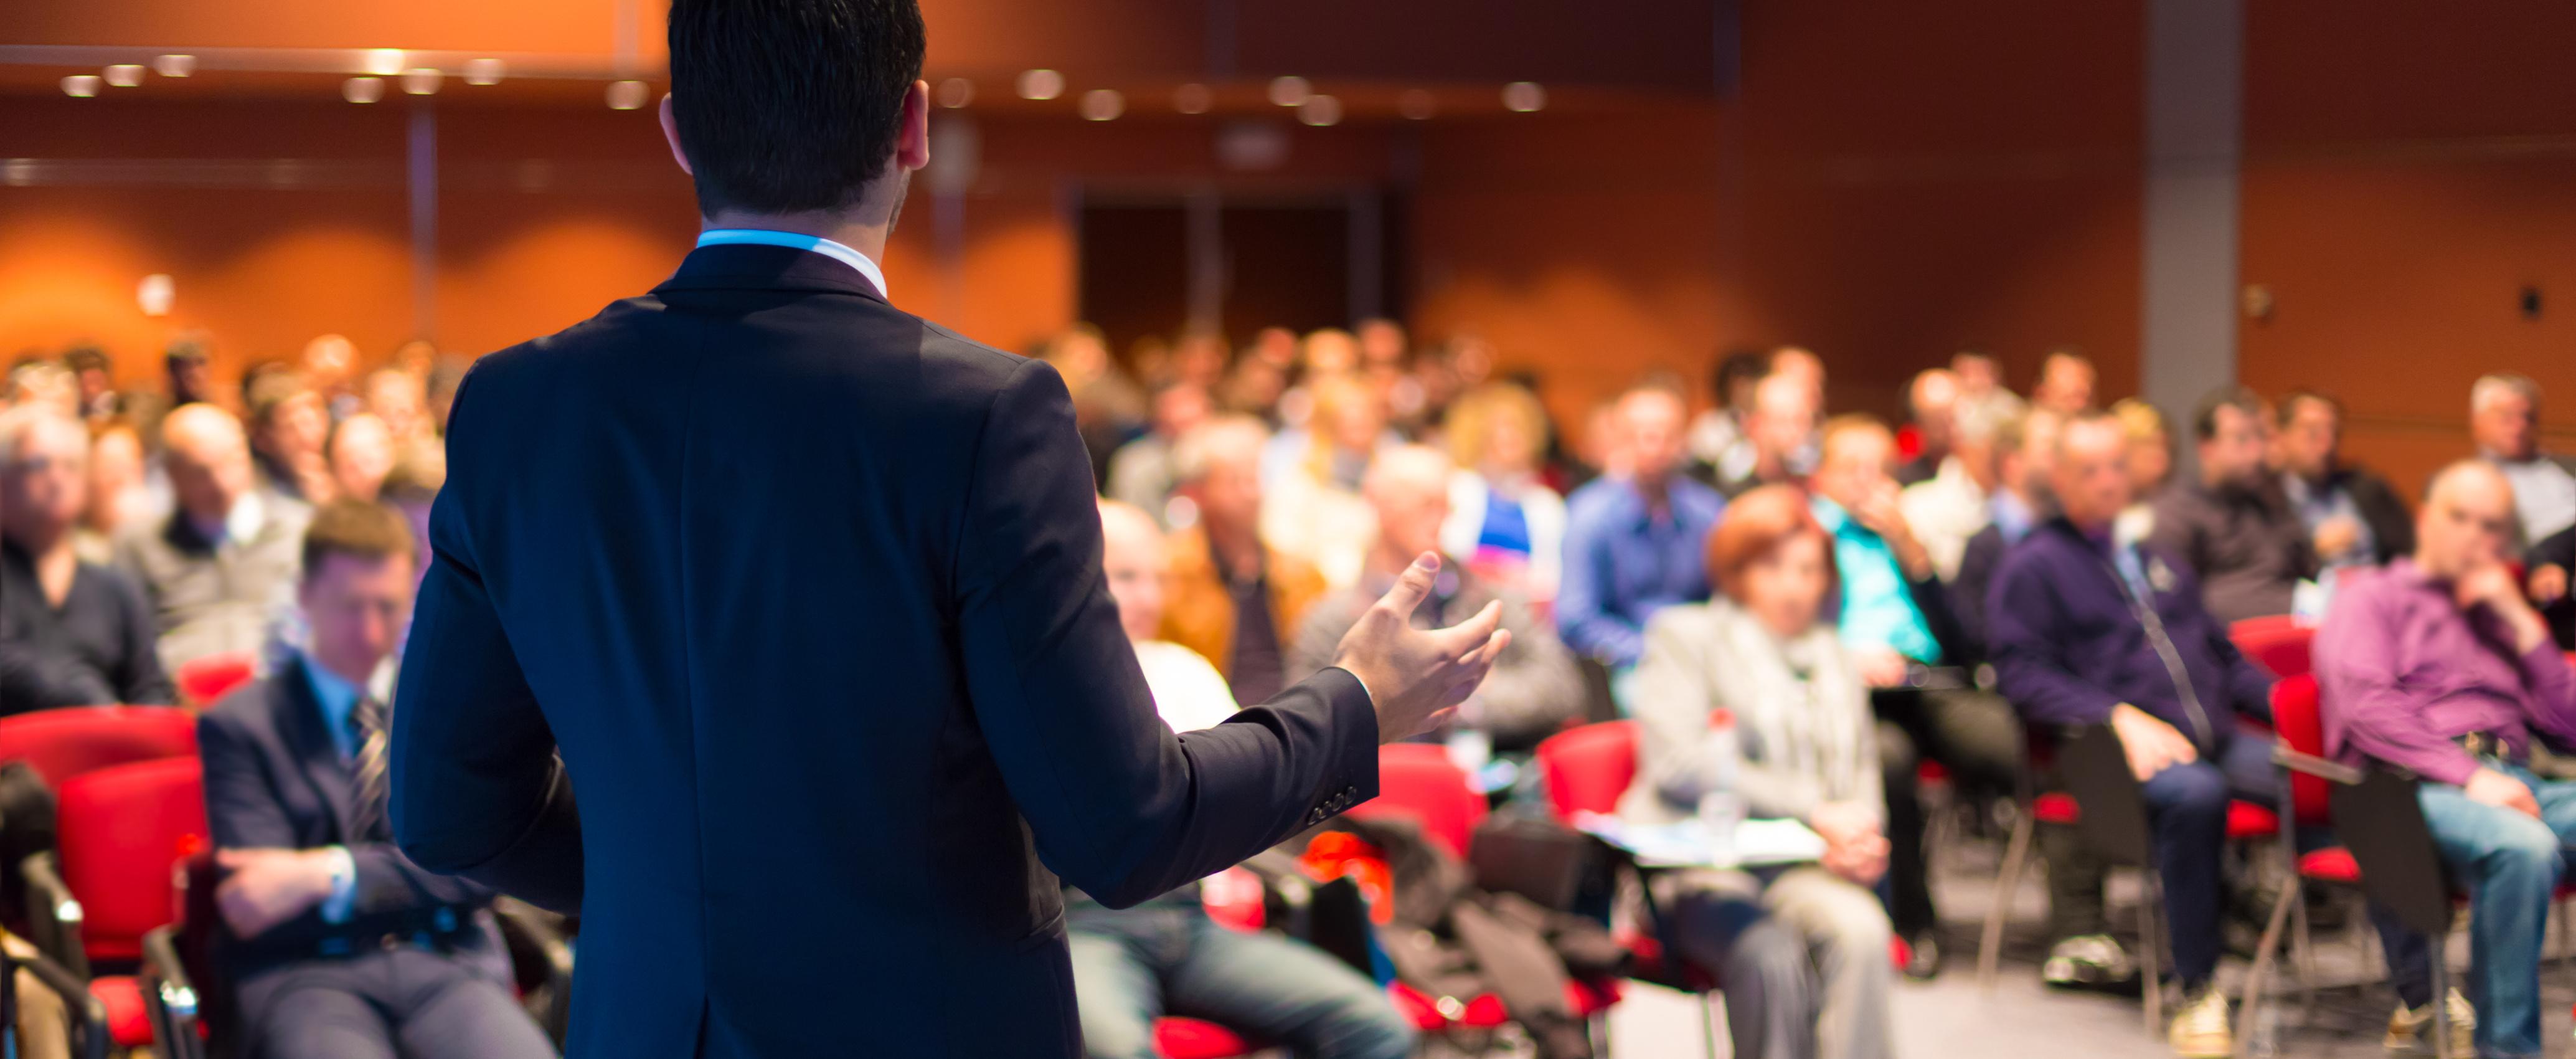 Speaker At Corporate Event